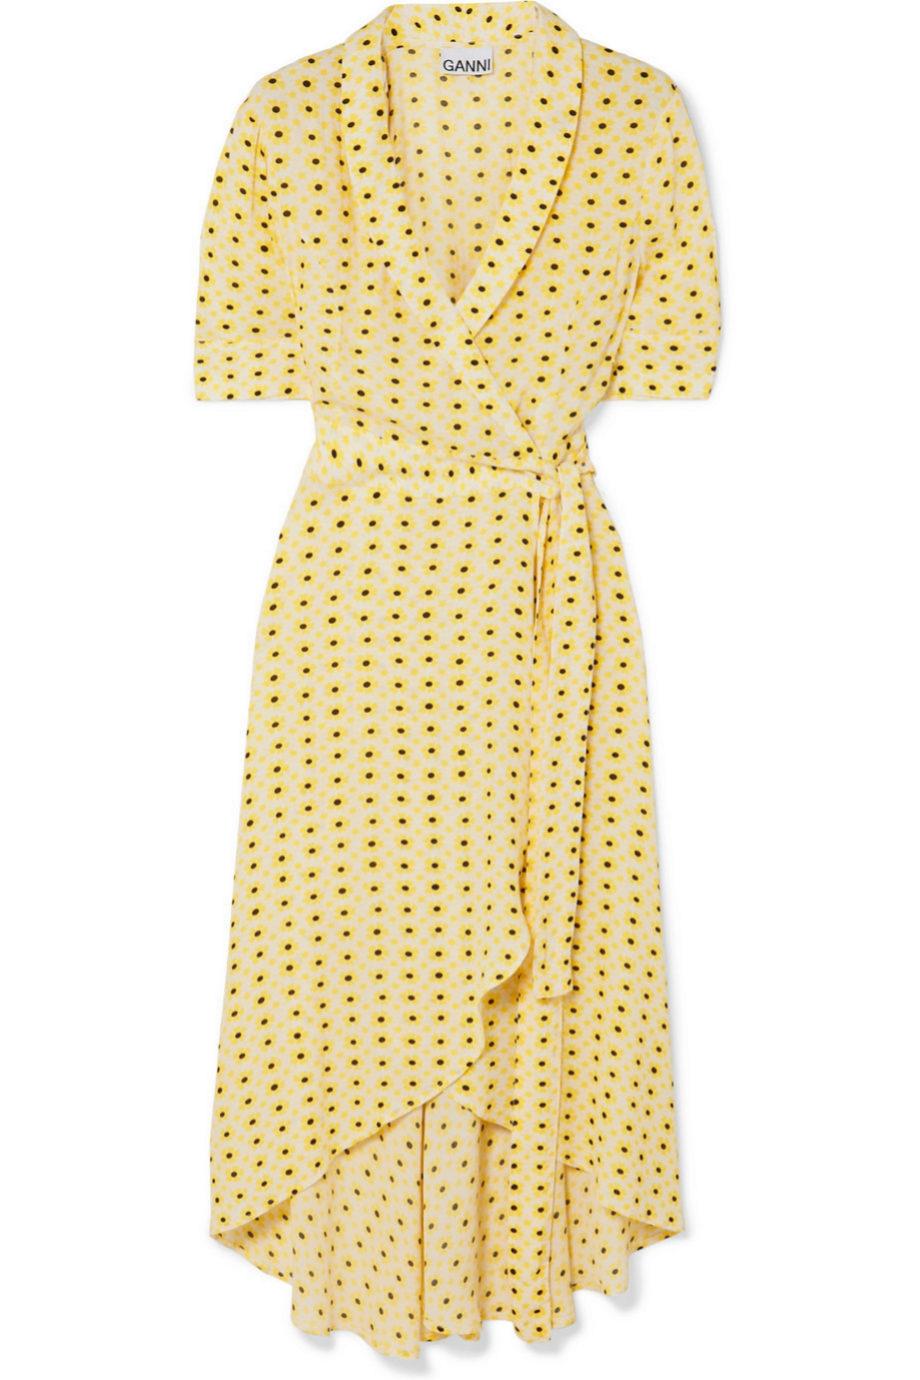 Vestido amarillo tipo camisero de crepe de Ganni (180¤)